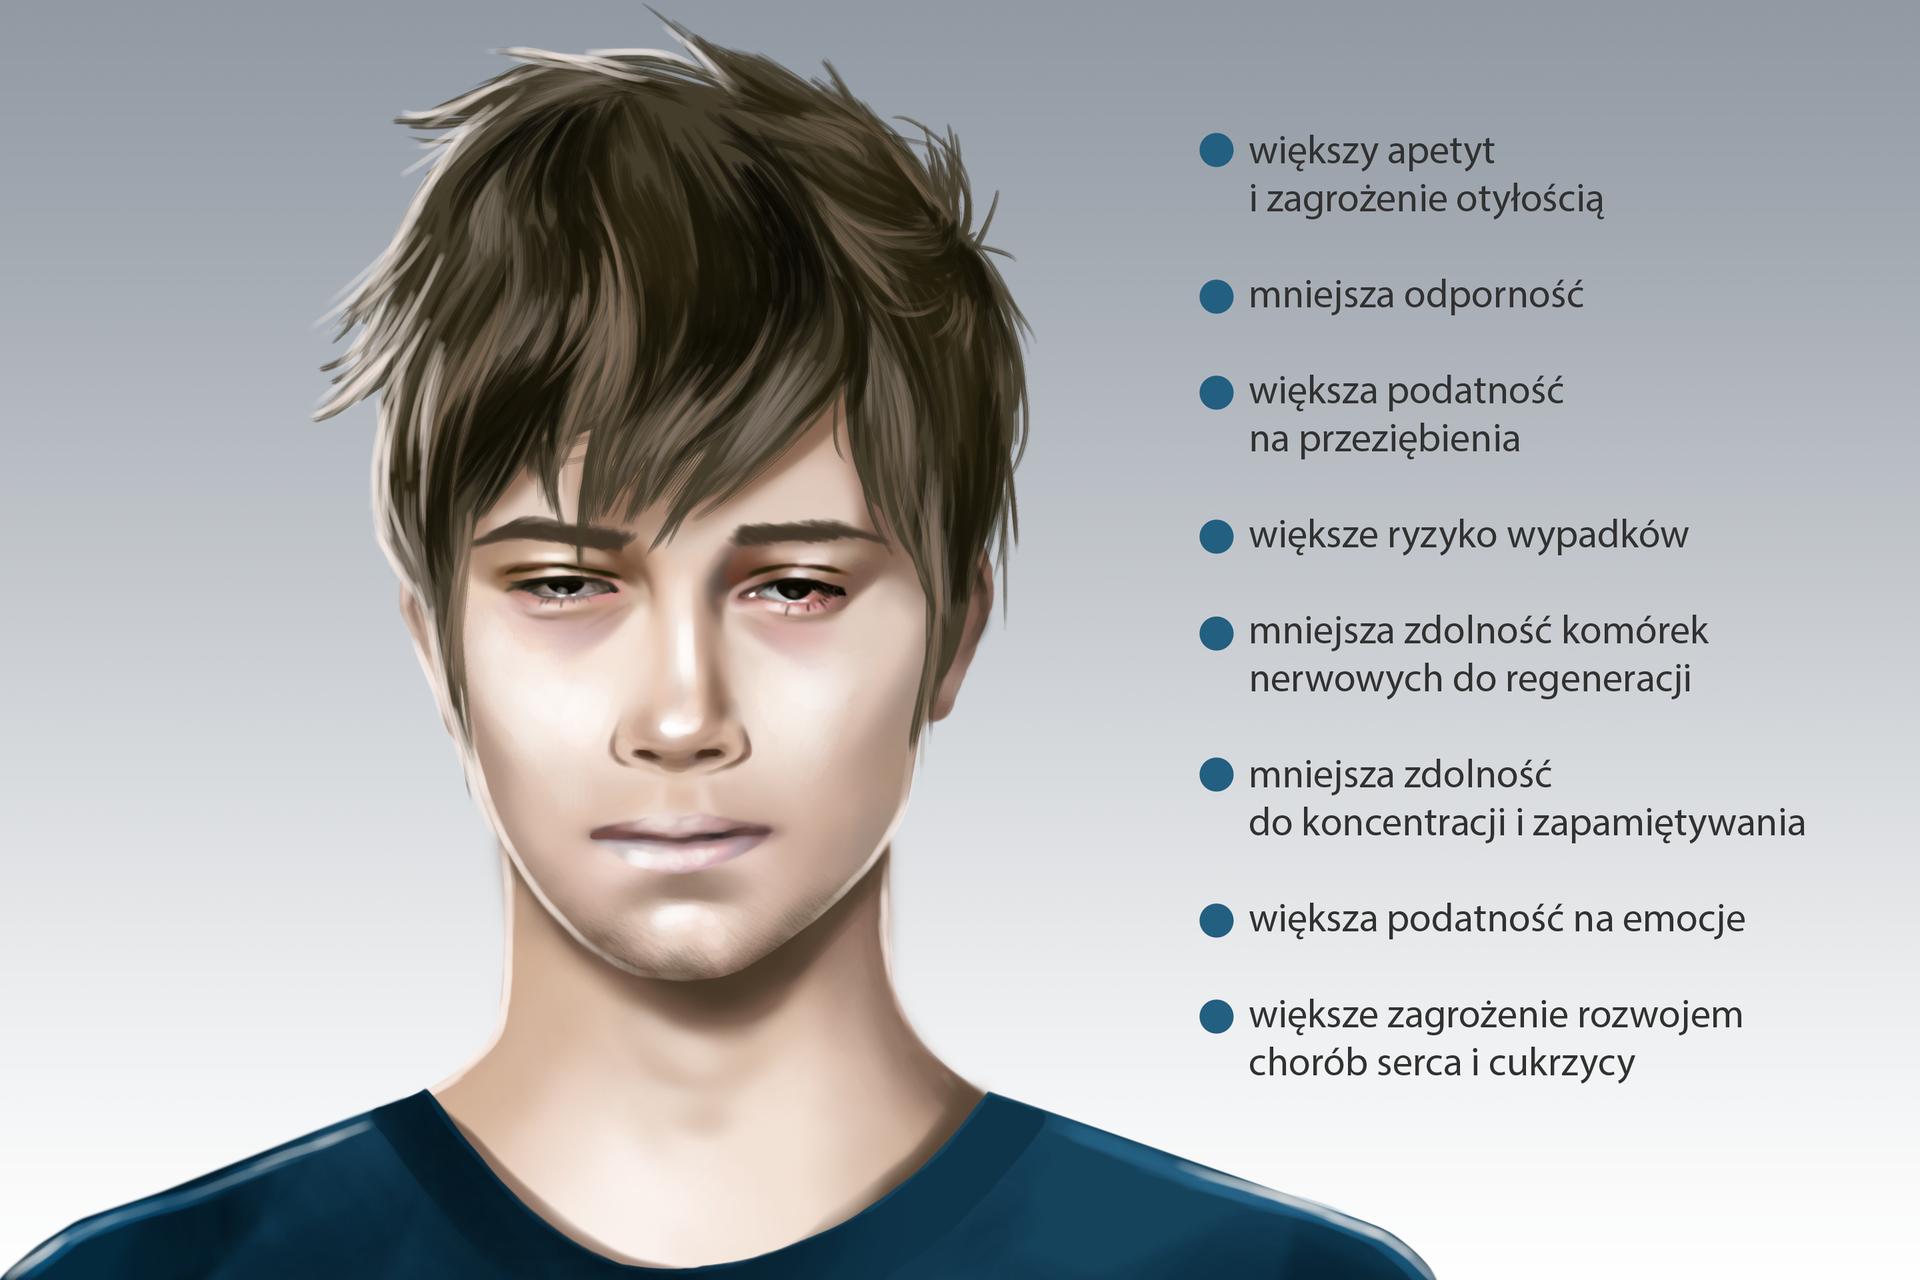 Ilustracja przedstawia twarz chłopca zbrązowymi włosami. Pa przymknięte oczy, jest niewyspany. Zprawej wypunktowano skutki niedosypiania: większy apetyt izagrożenie otyłością, mniejsza odporność, większa podatność na przeziębienie, większe ryzyko wypadków, mniejsza zdolność komórek do regeneracji, mniejsza zdolność do koncentracji izapamiętywania, większa podatność na emocje, większe zagrożenie chorobami serca icukrzycą.